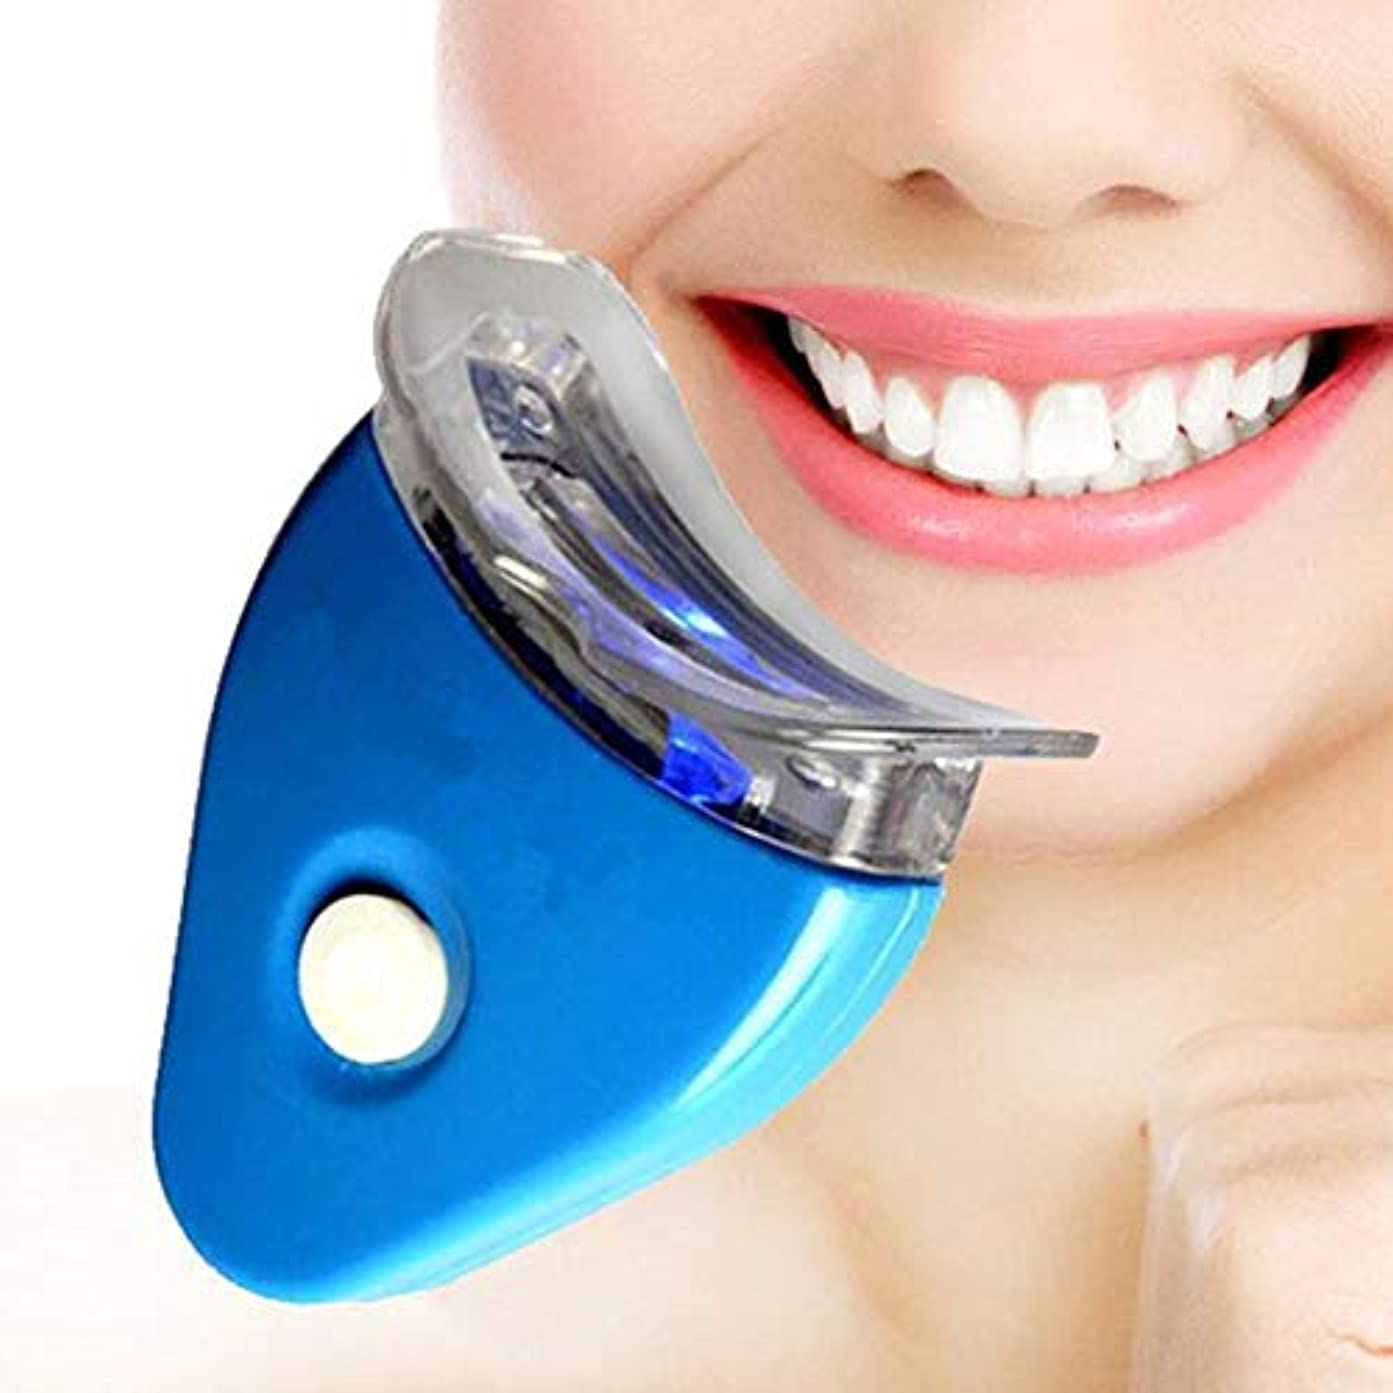 アヒル電化するエンジニアリング歯のホワイトニングキット、歯磨き粉漂白健康な口腔ケア歯磨き粉個人用歯科キット/健康な口腔ケア、LEDライト付き